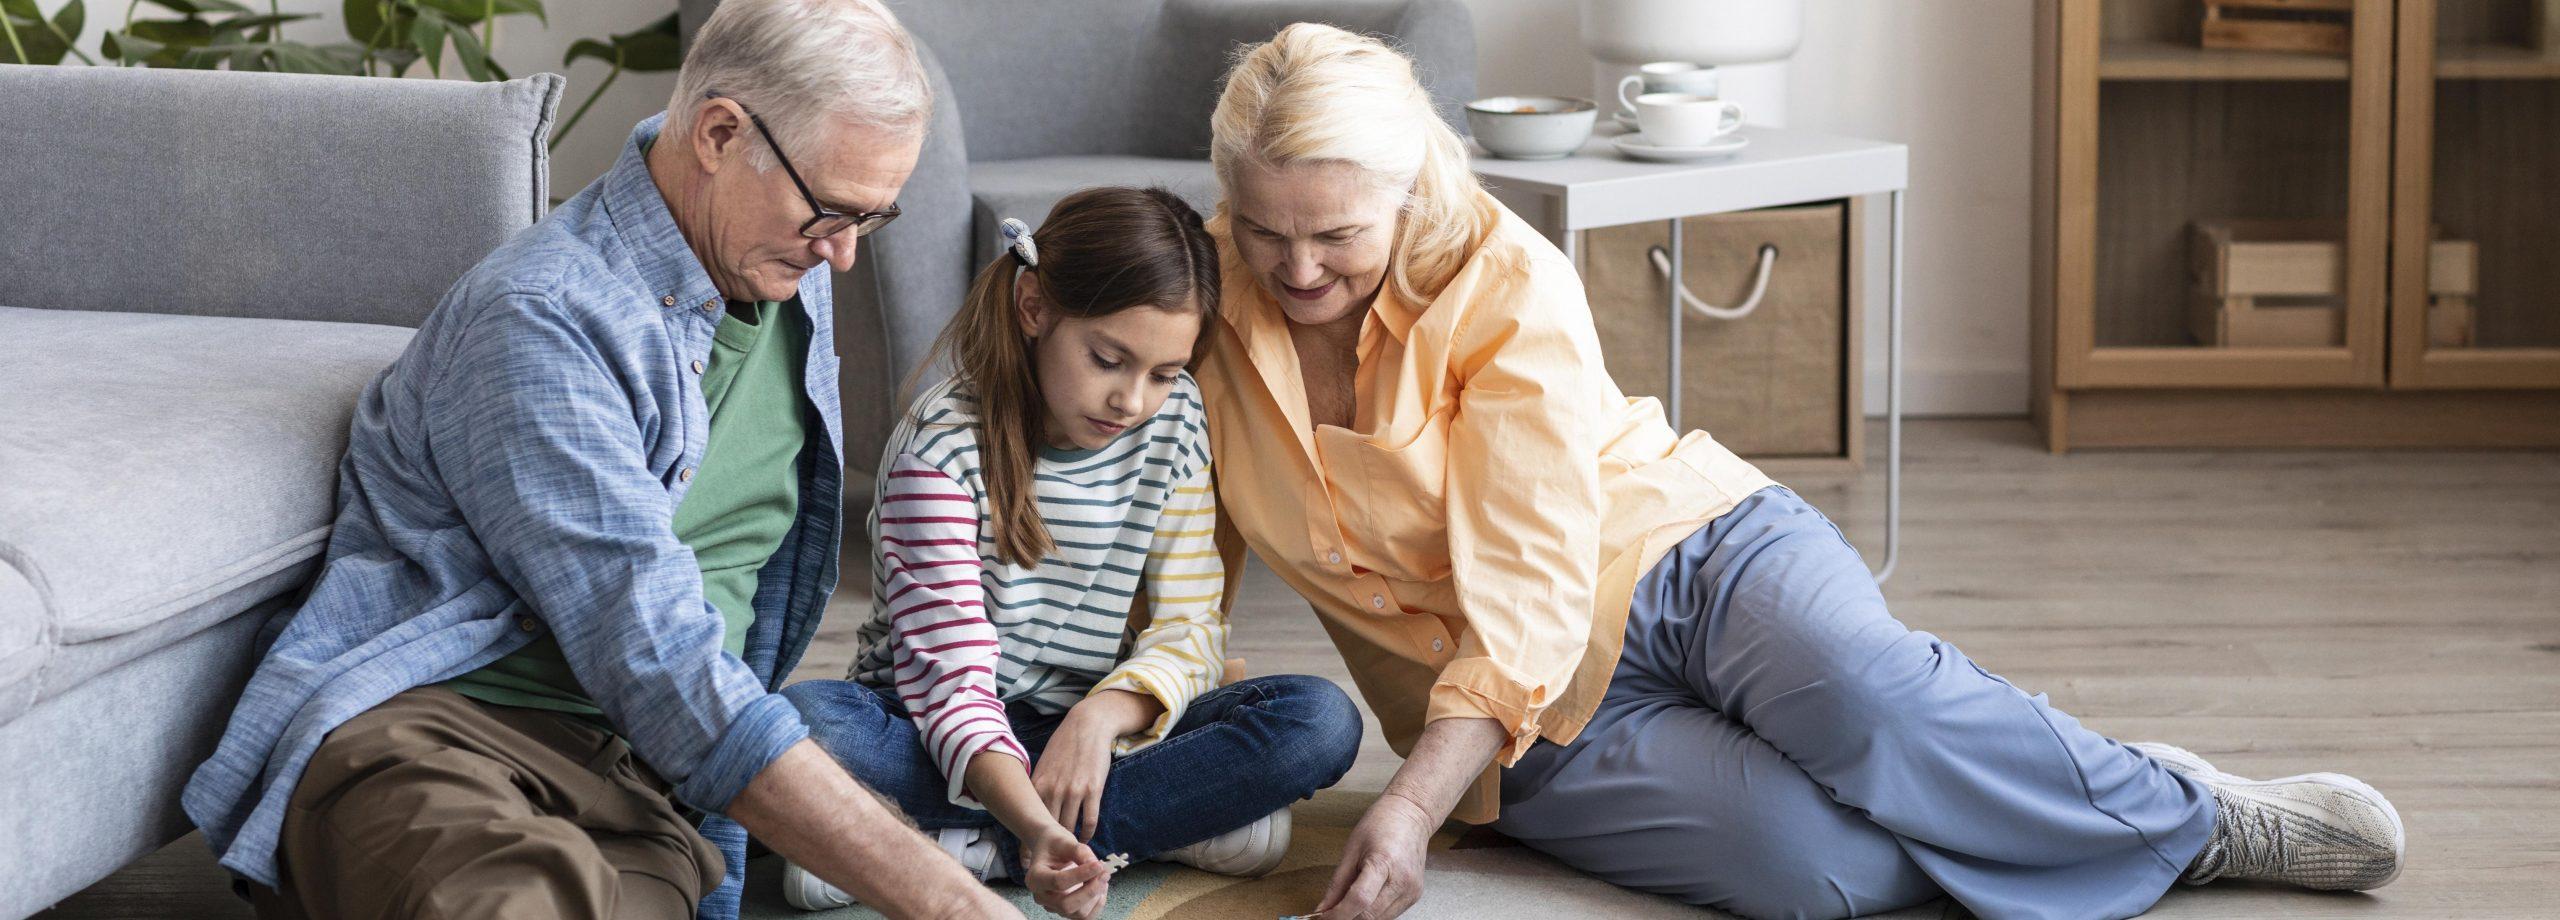 abuelos y niño haciendo un puzzle